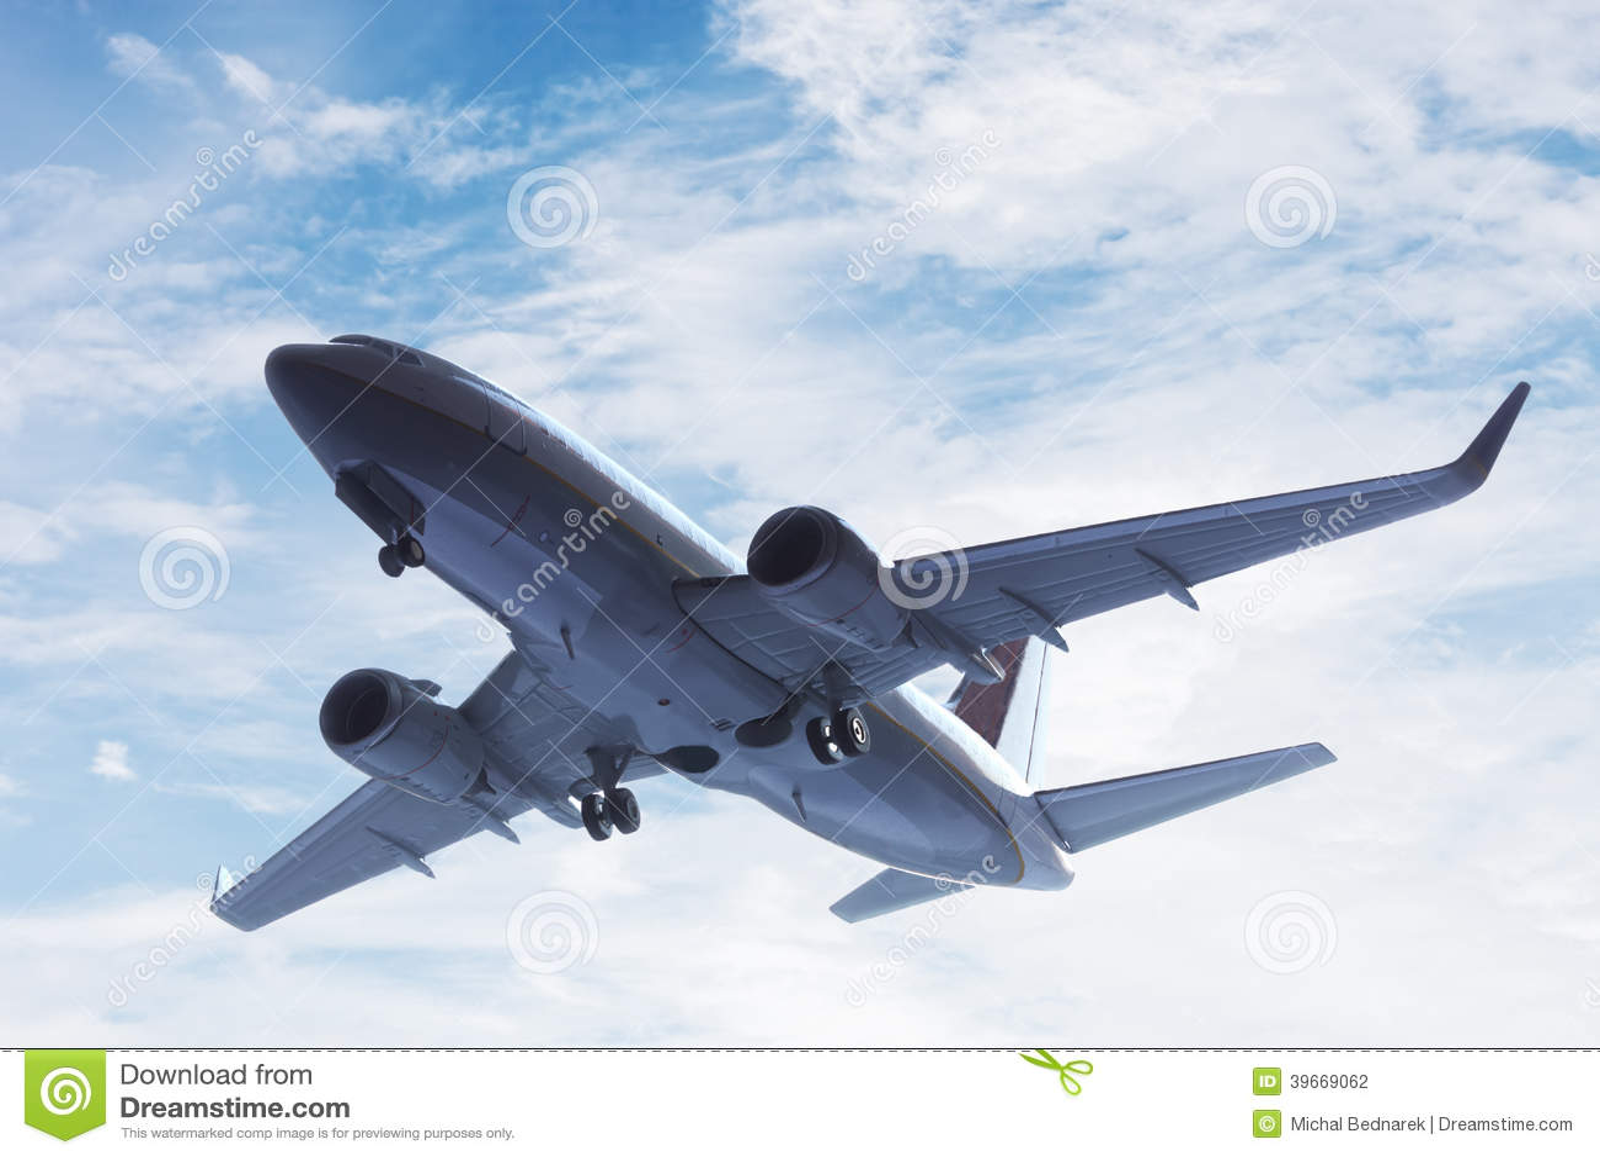 Samolot bierze daleko. Duży pasażera lub ładunku samolot